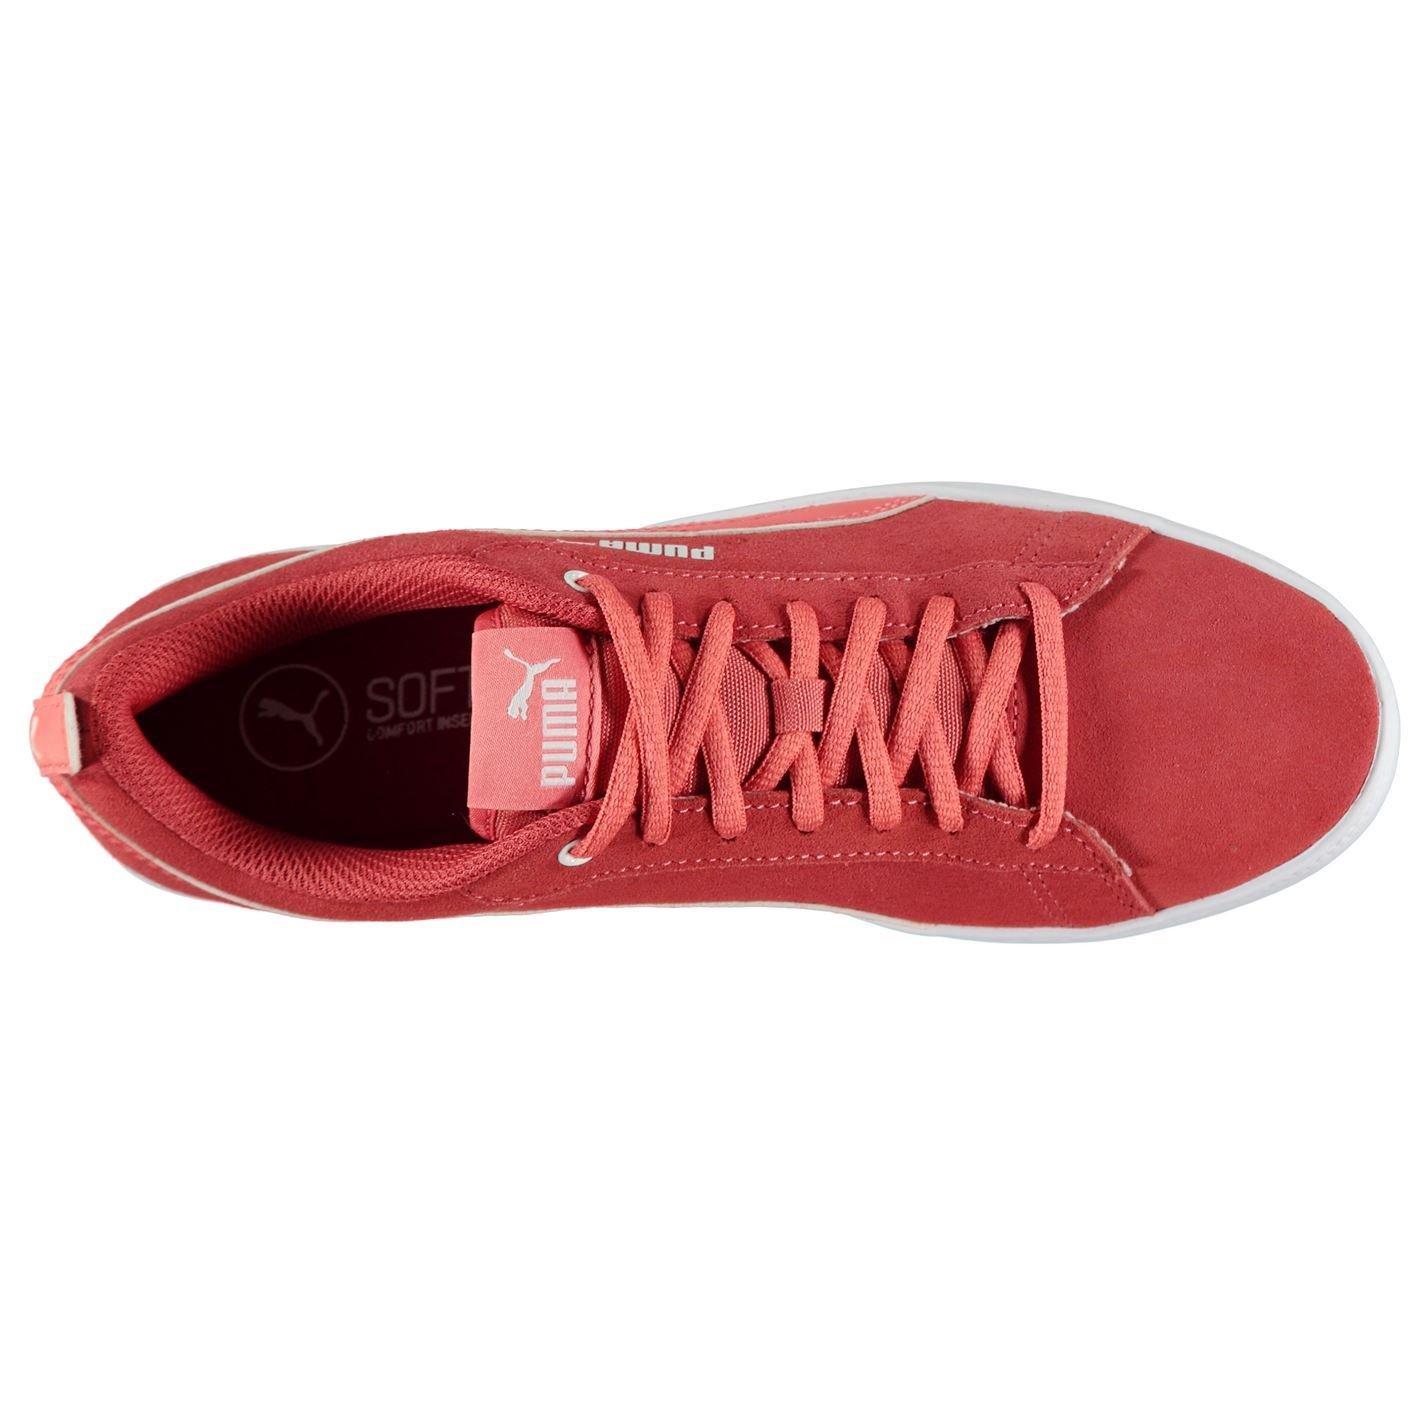 Official schuhe Puma Smash Unisex-Schuhe für für für Damen Fitness Trainingsschuhe Turnschuhe 4436e6